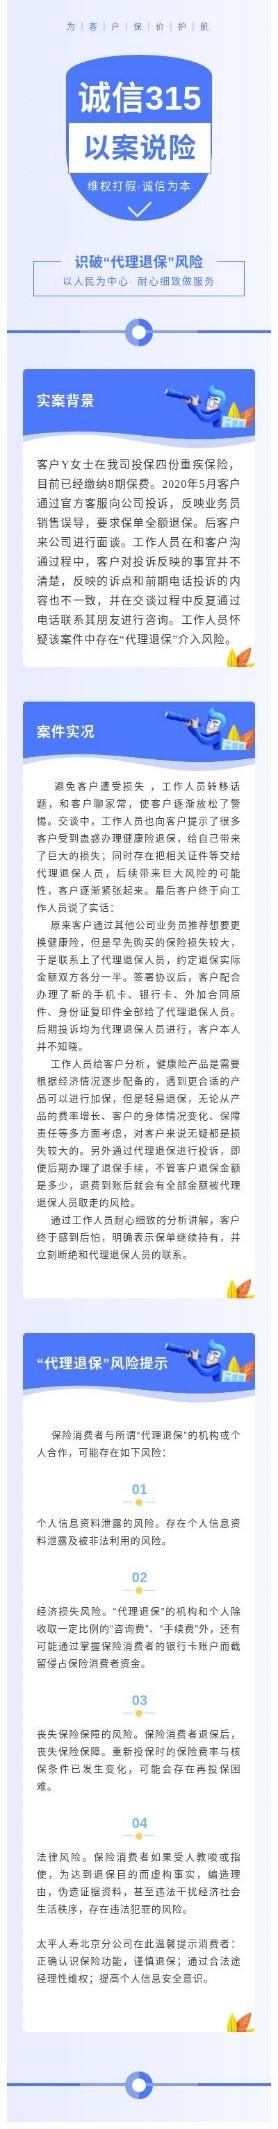 """太平人寿北京分公司:以案说险 识破""""代理退保""""风险"""